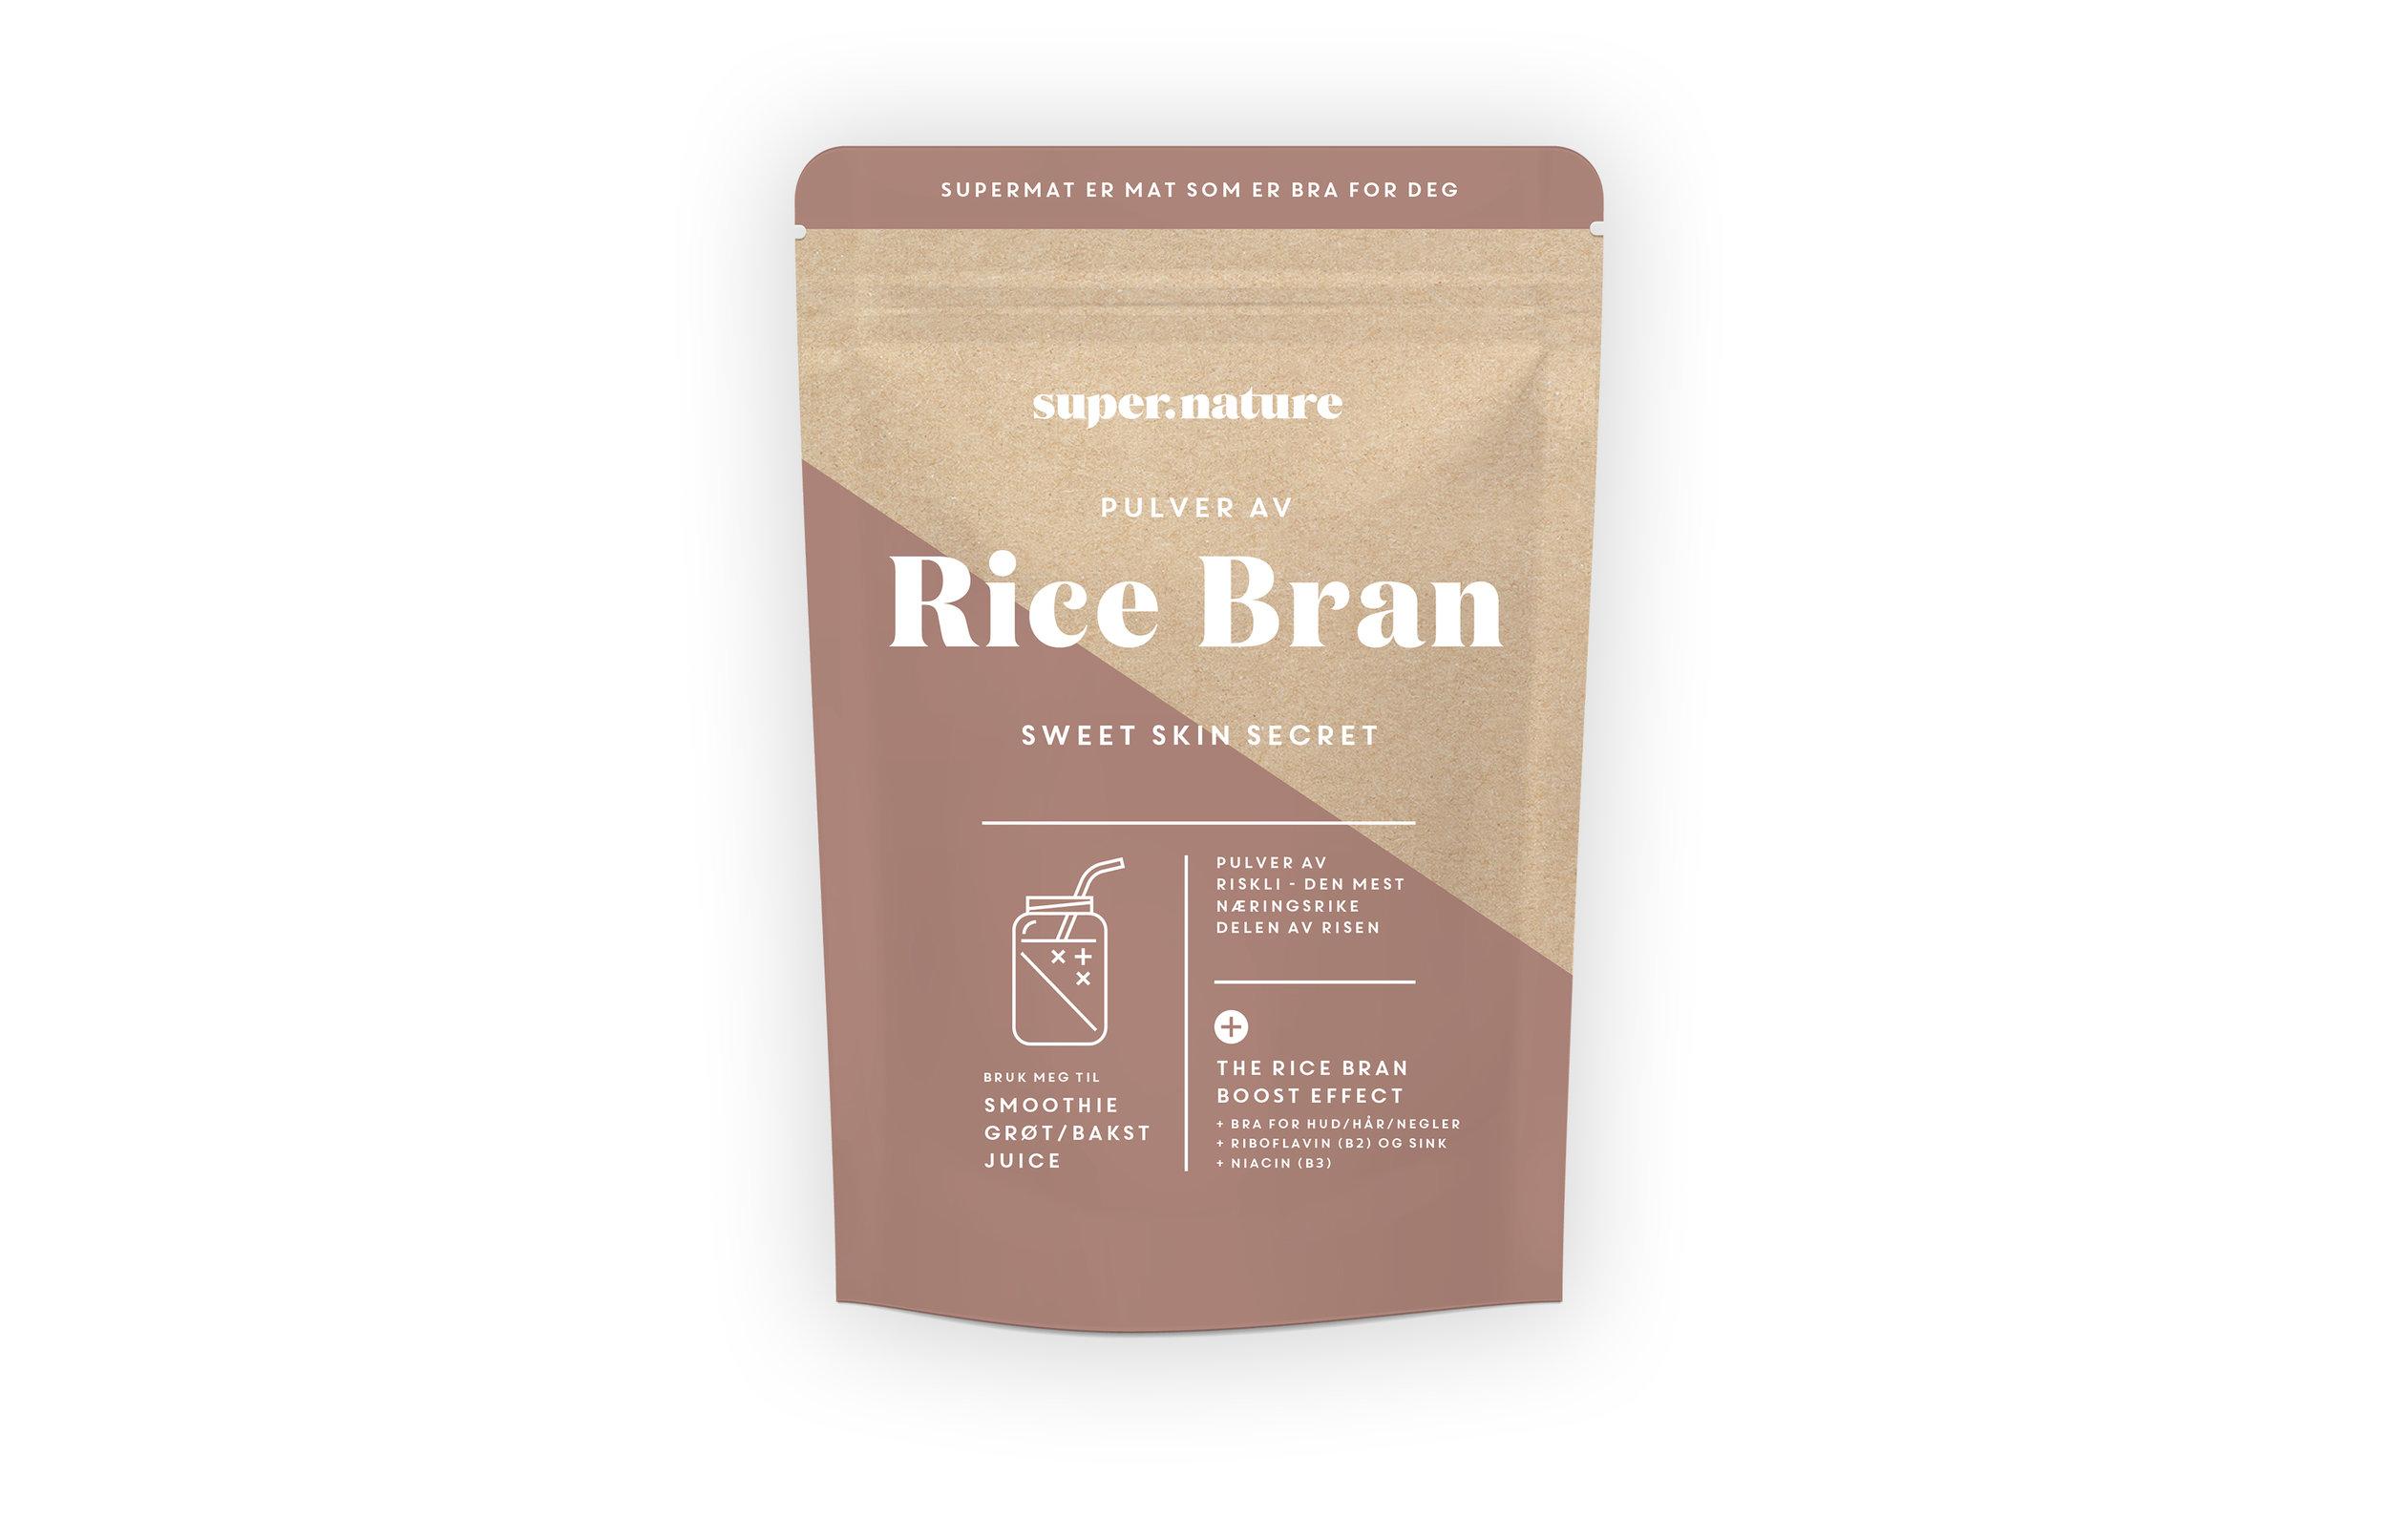 Rice Bran -